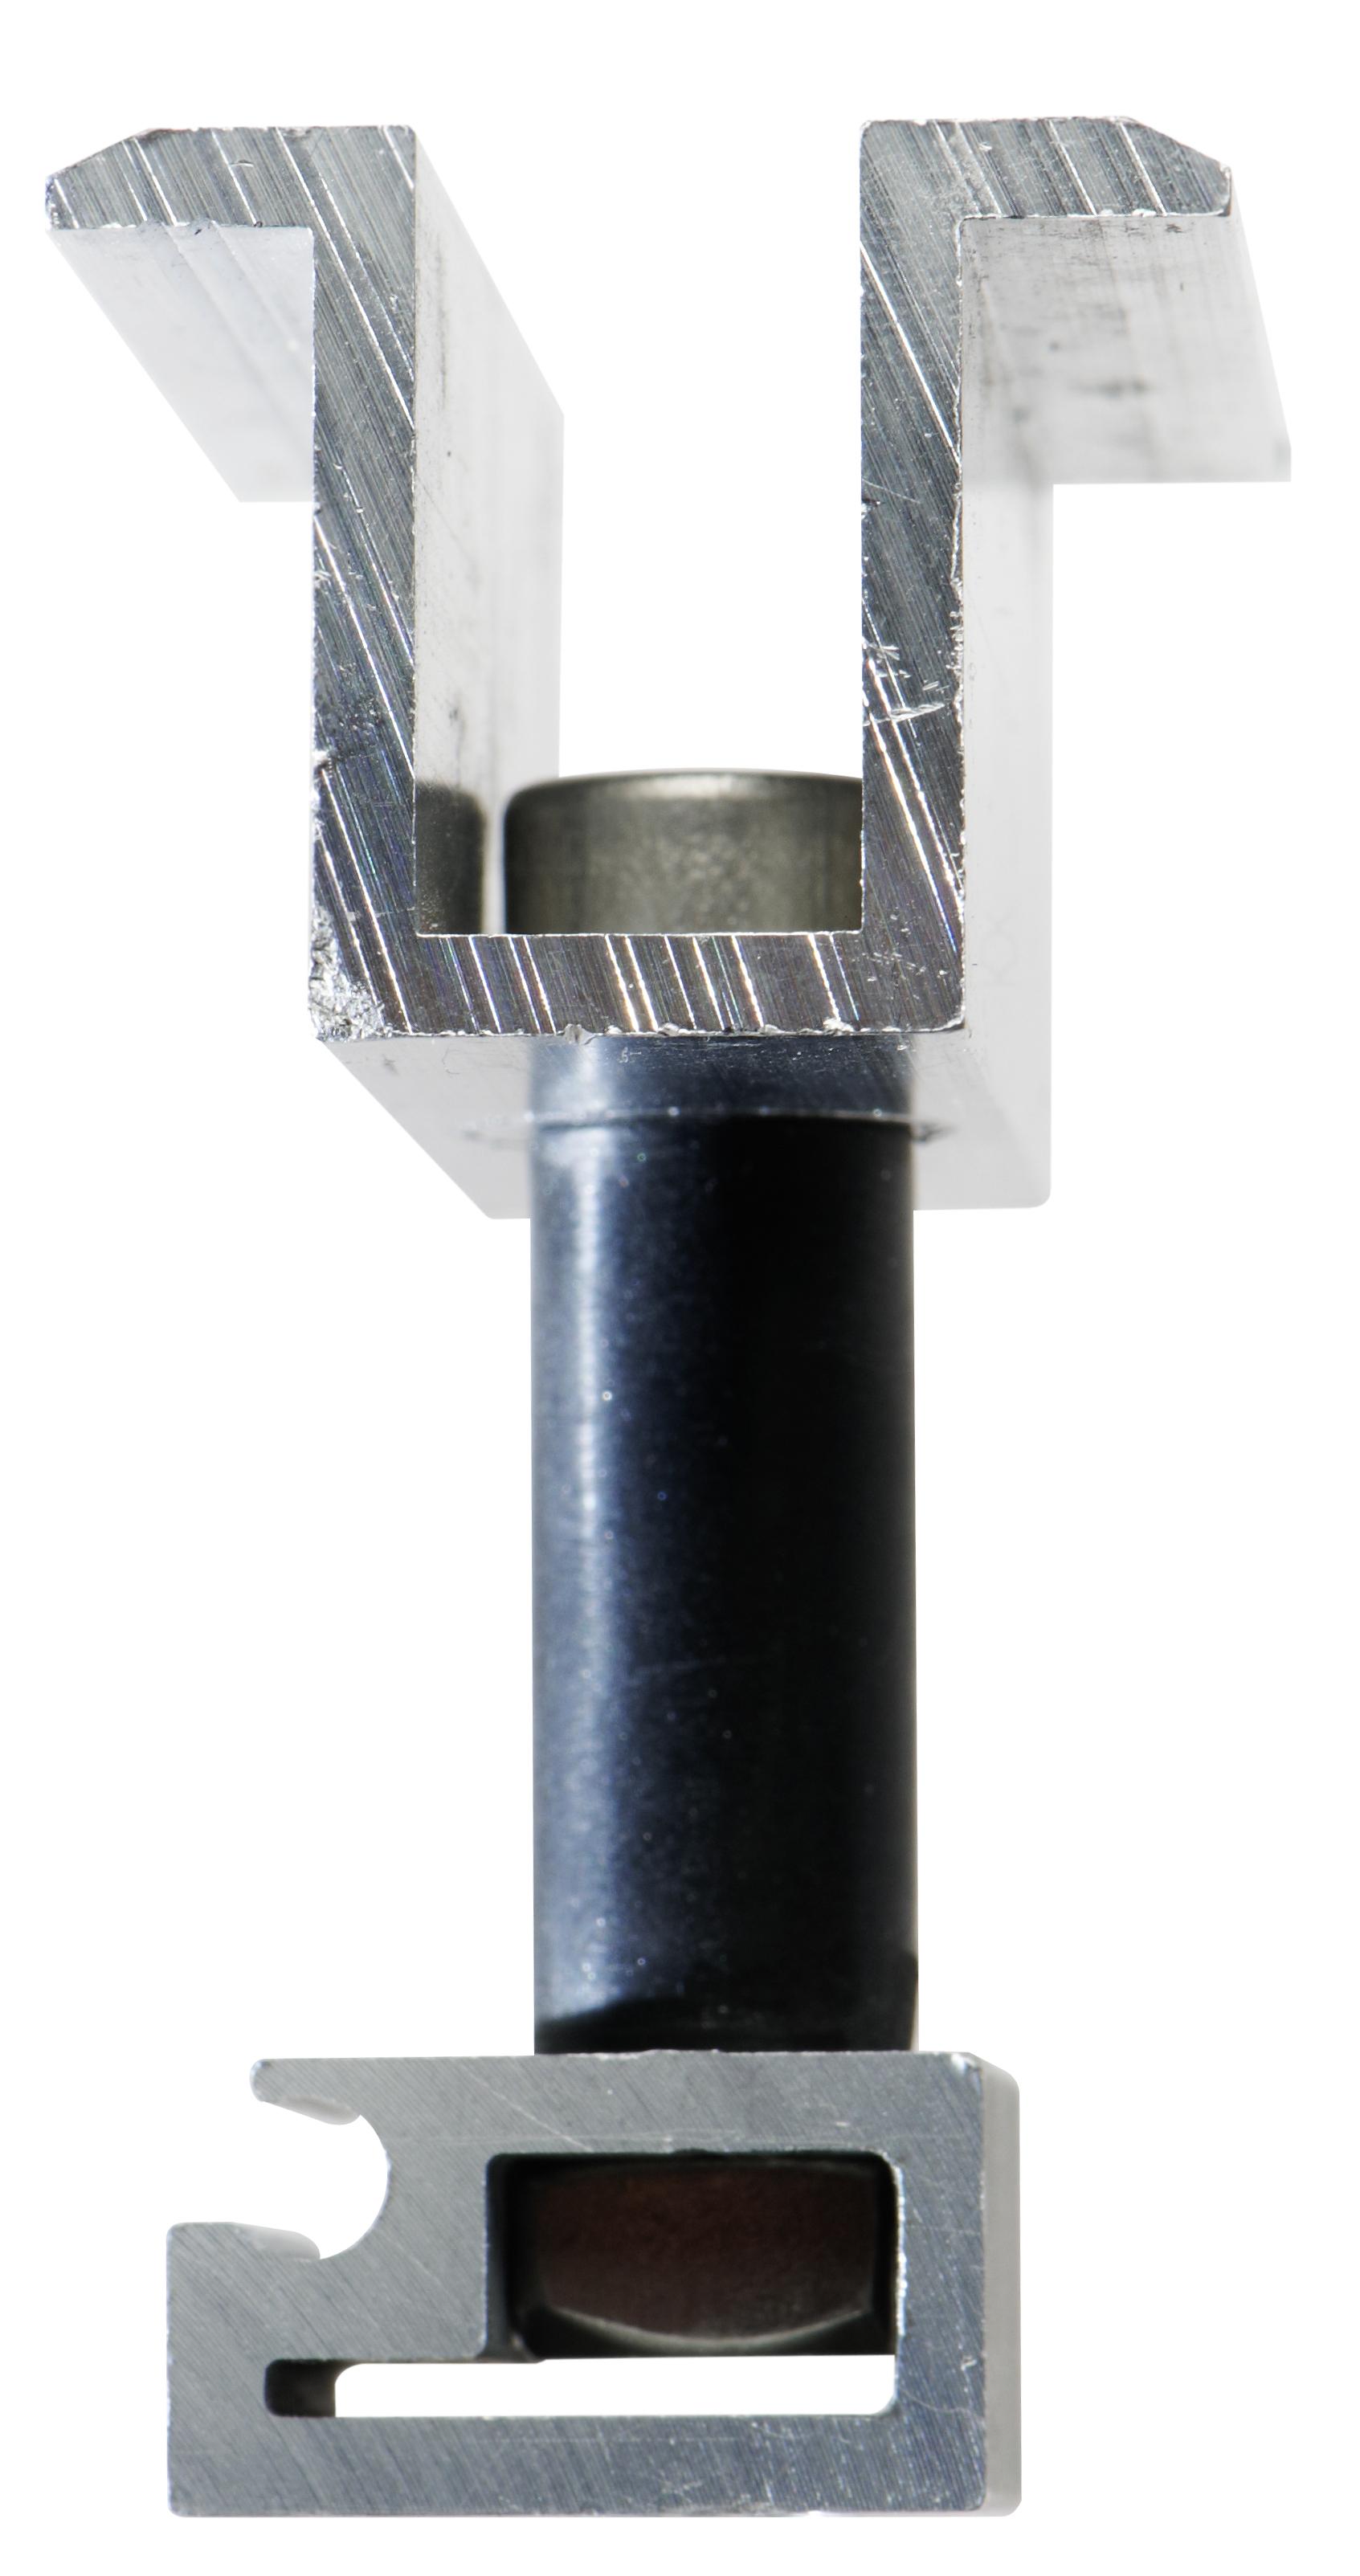 1 Stk Modulmittelklemme TS3 35-50mm PVF21240--